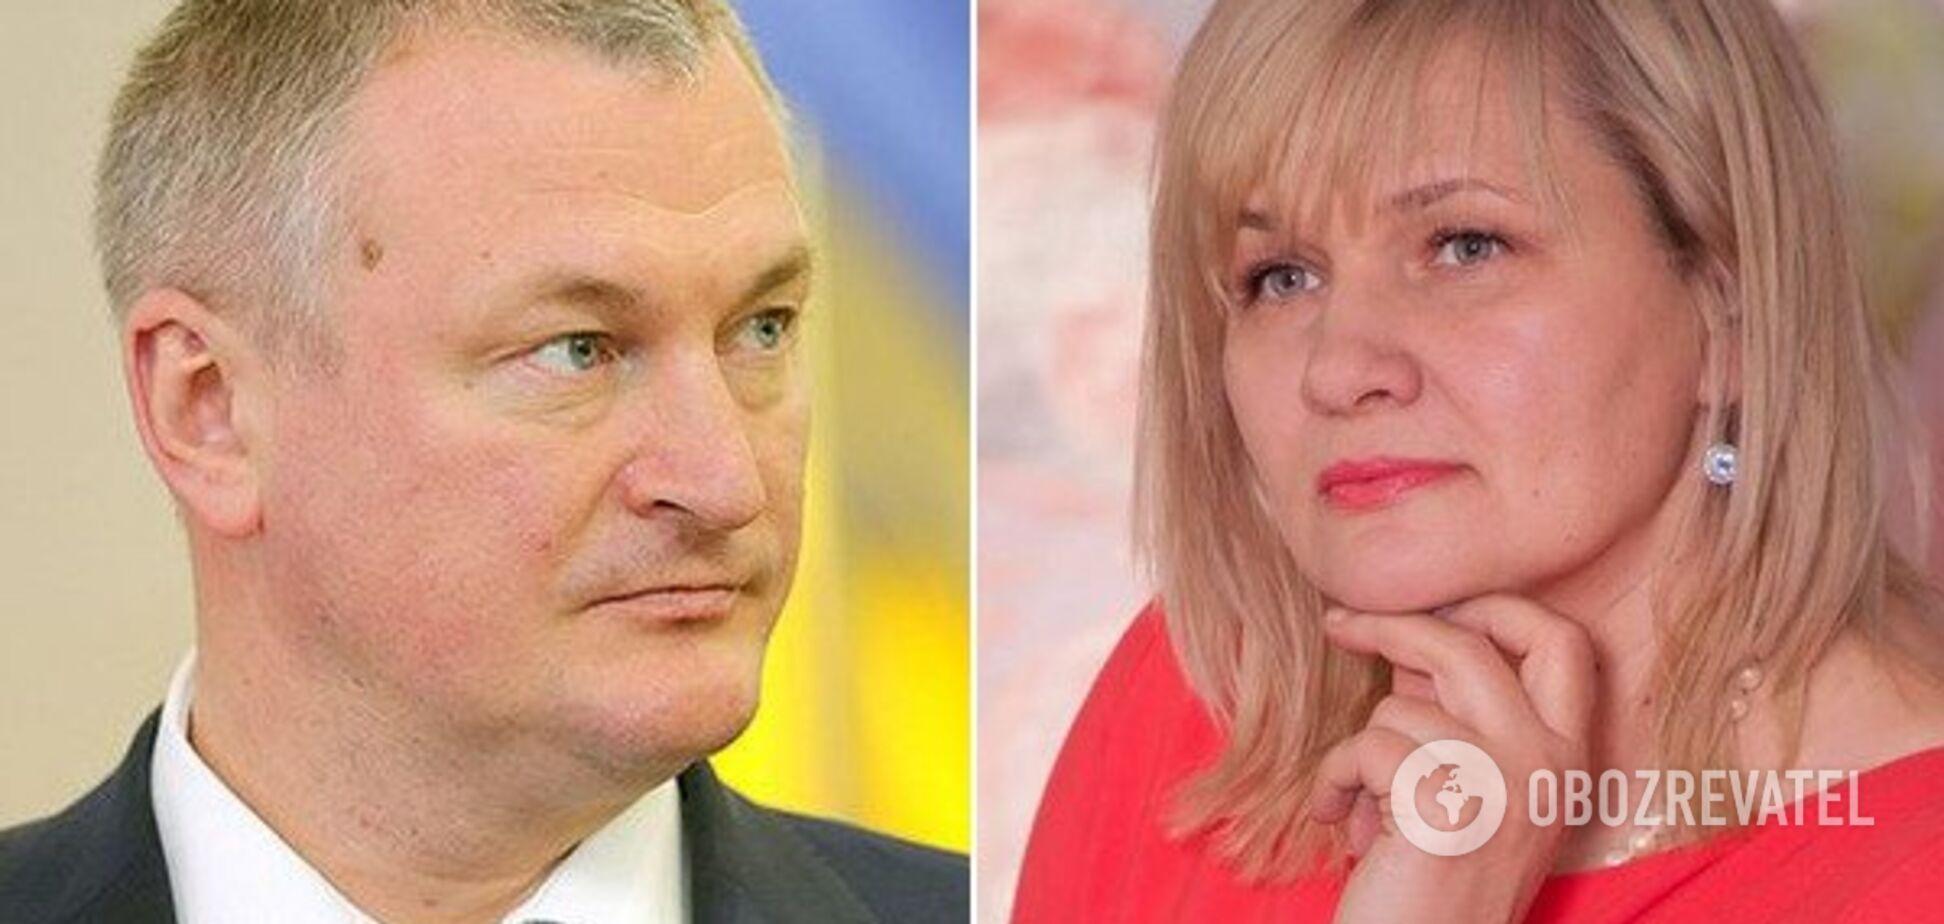 'Это ложь!' Князев отреагировал на скандал вокруг бывшей жены